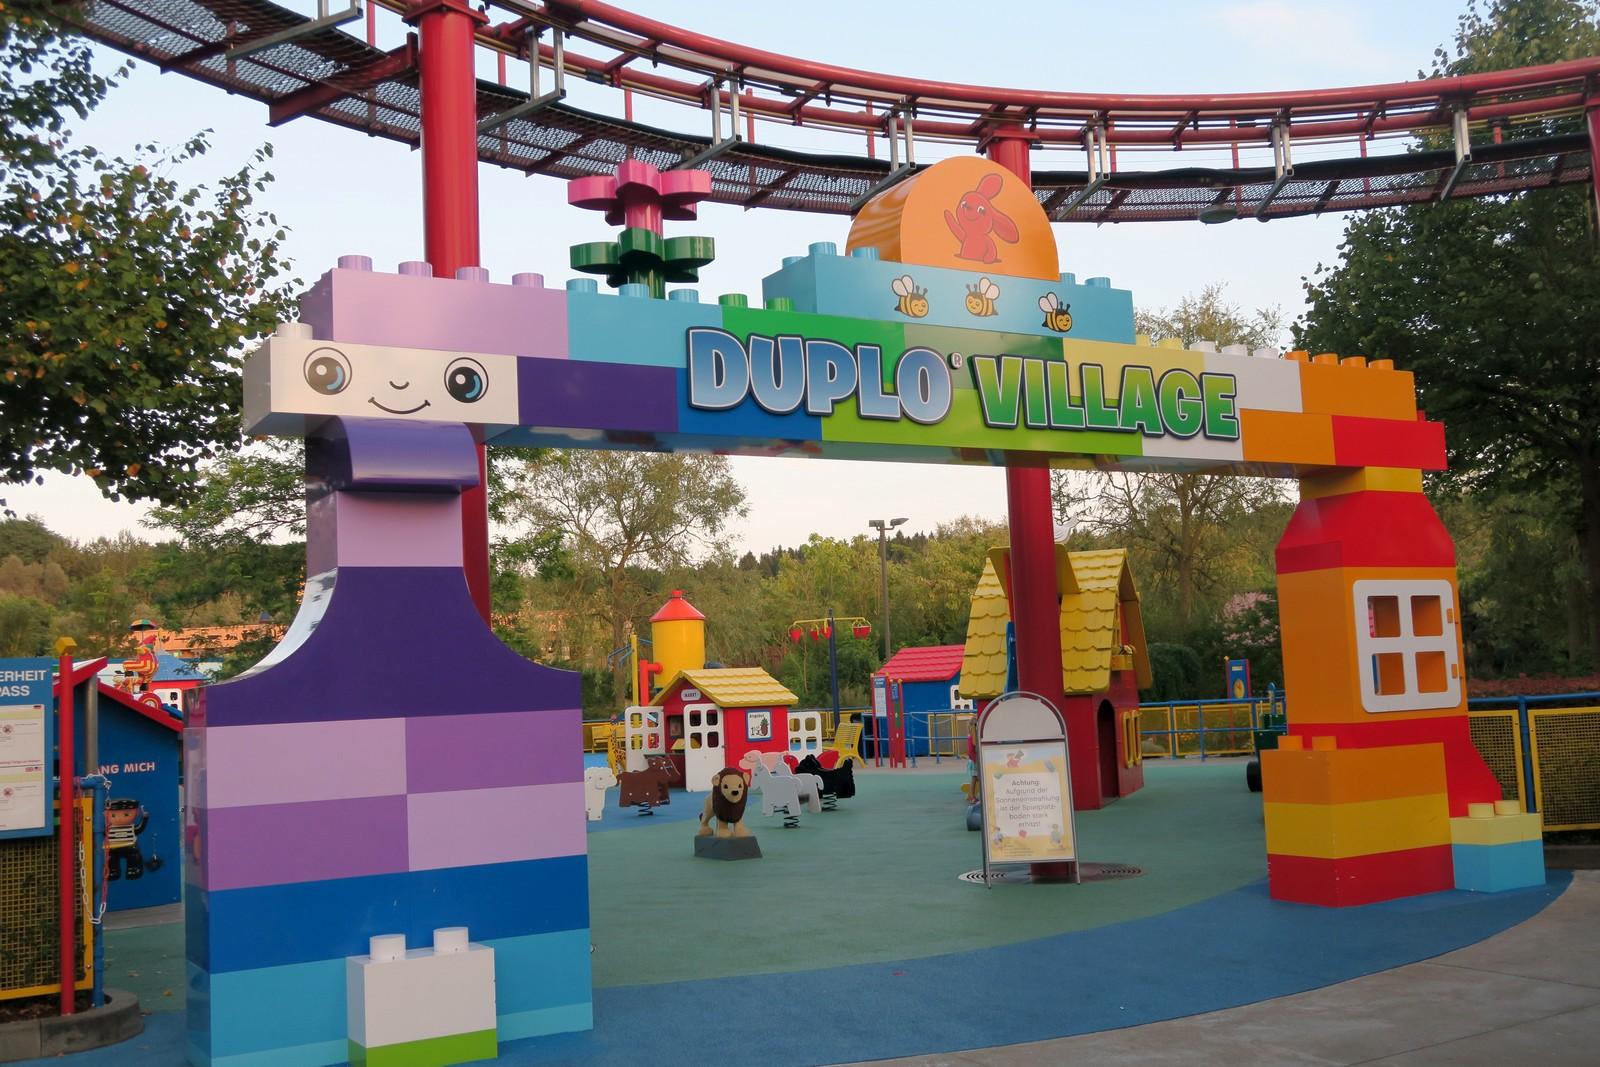 die besten Attraktionen für Kleinkinder im Legoland